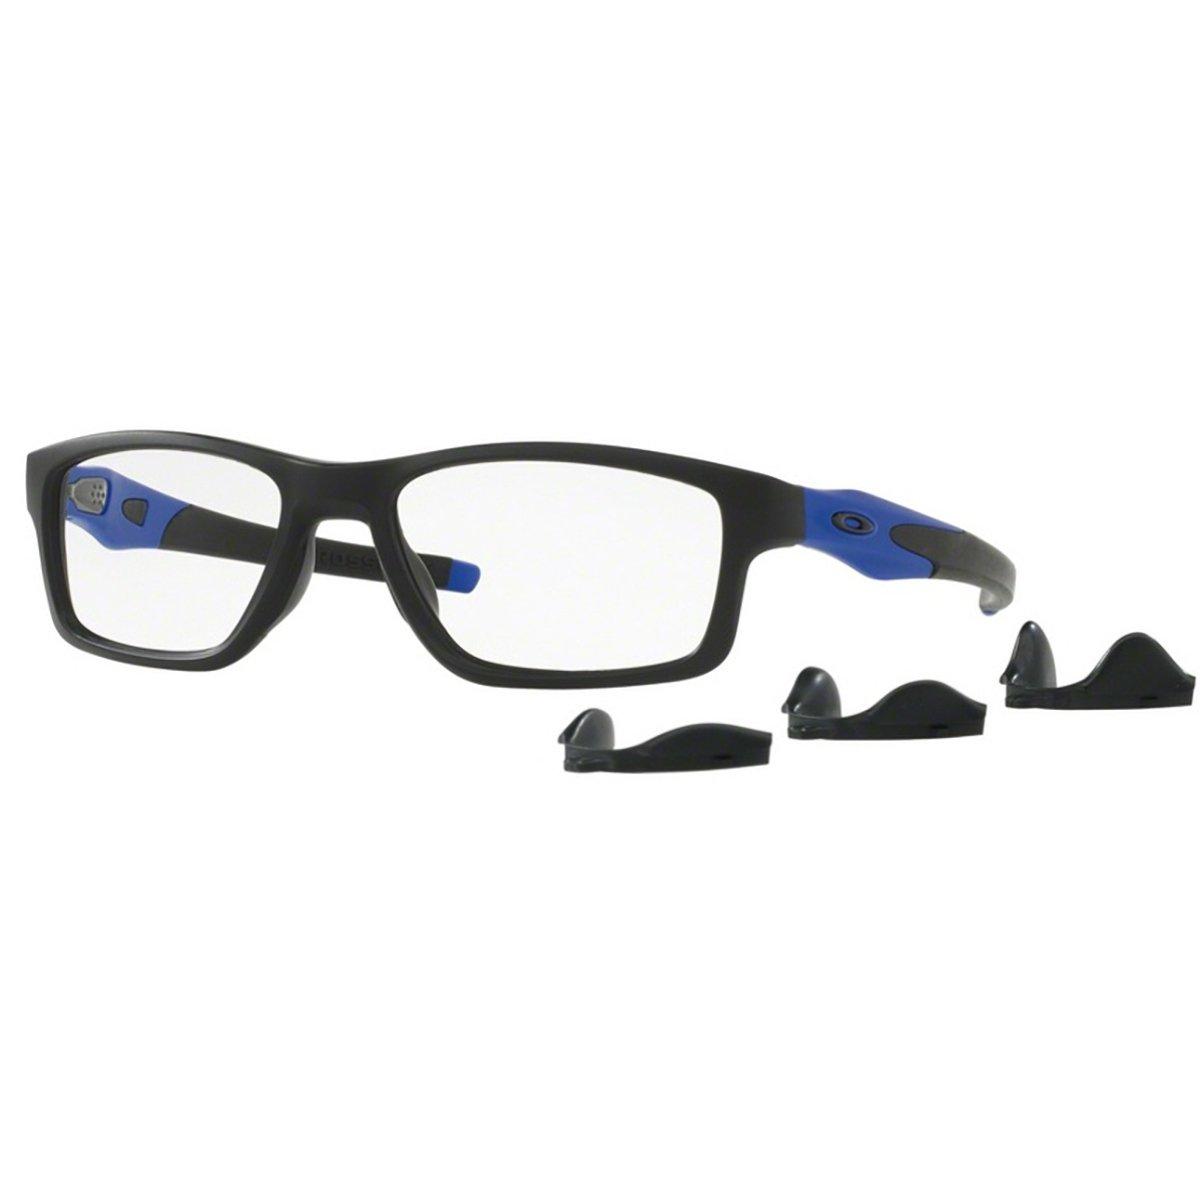 1c3259b593862 Compre Óculos de Grau Oakley Crosslink MNP em 10X